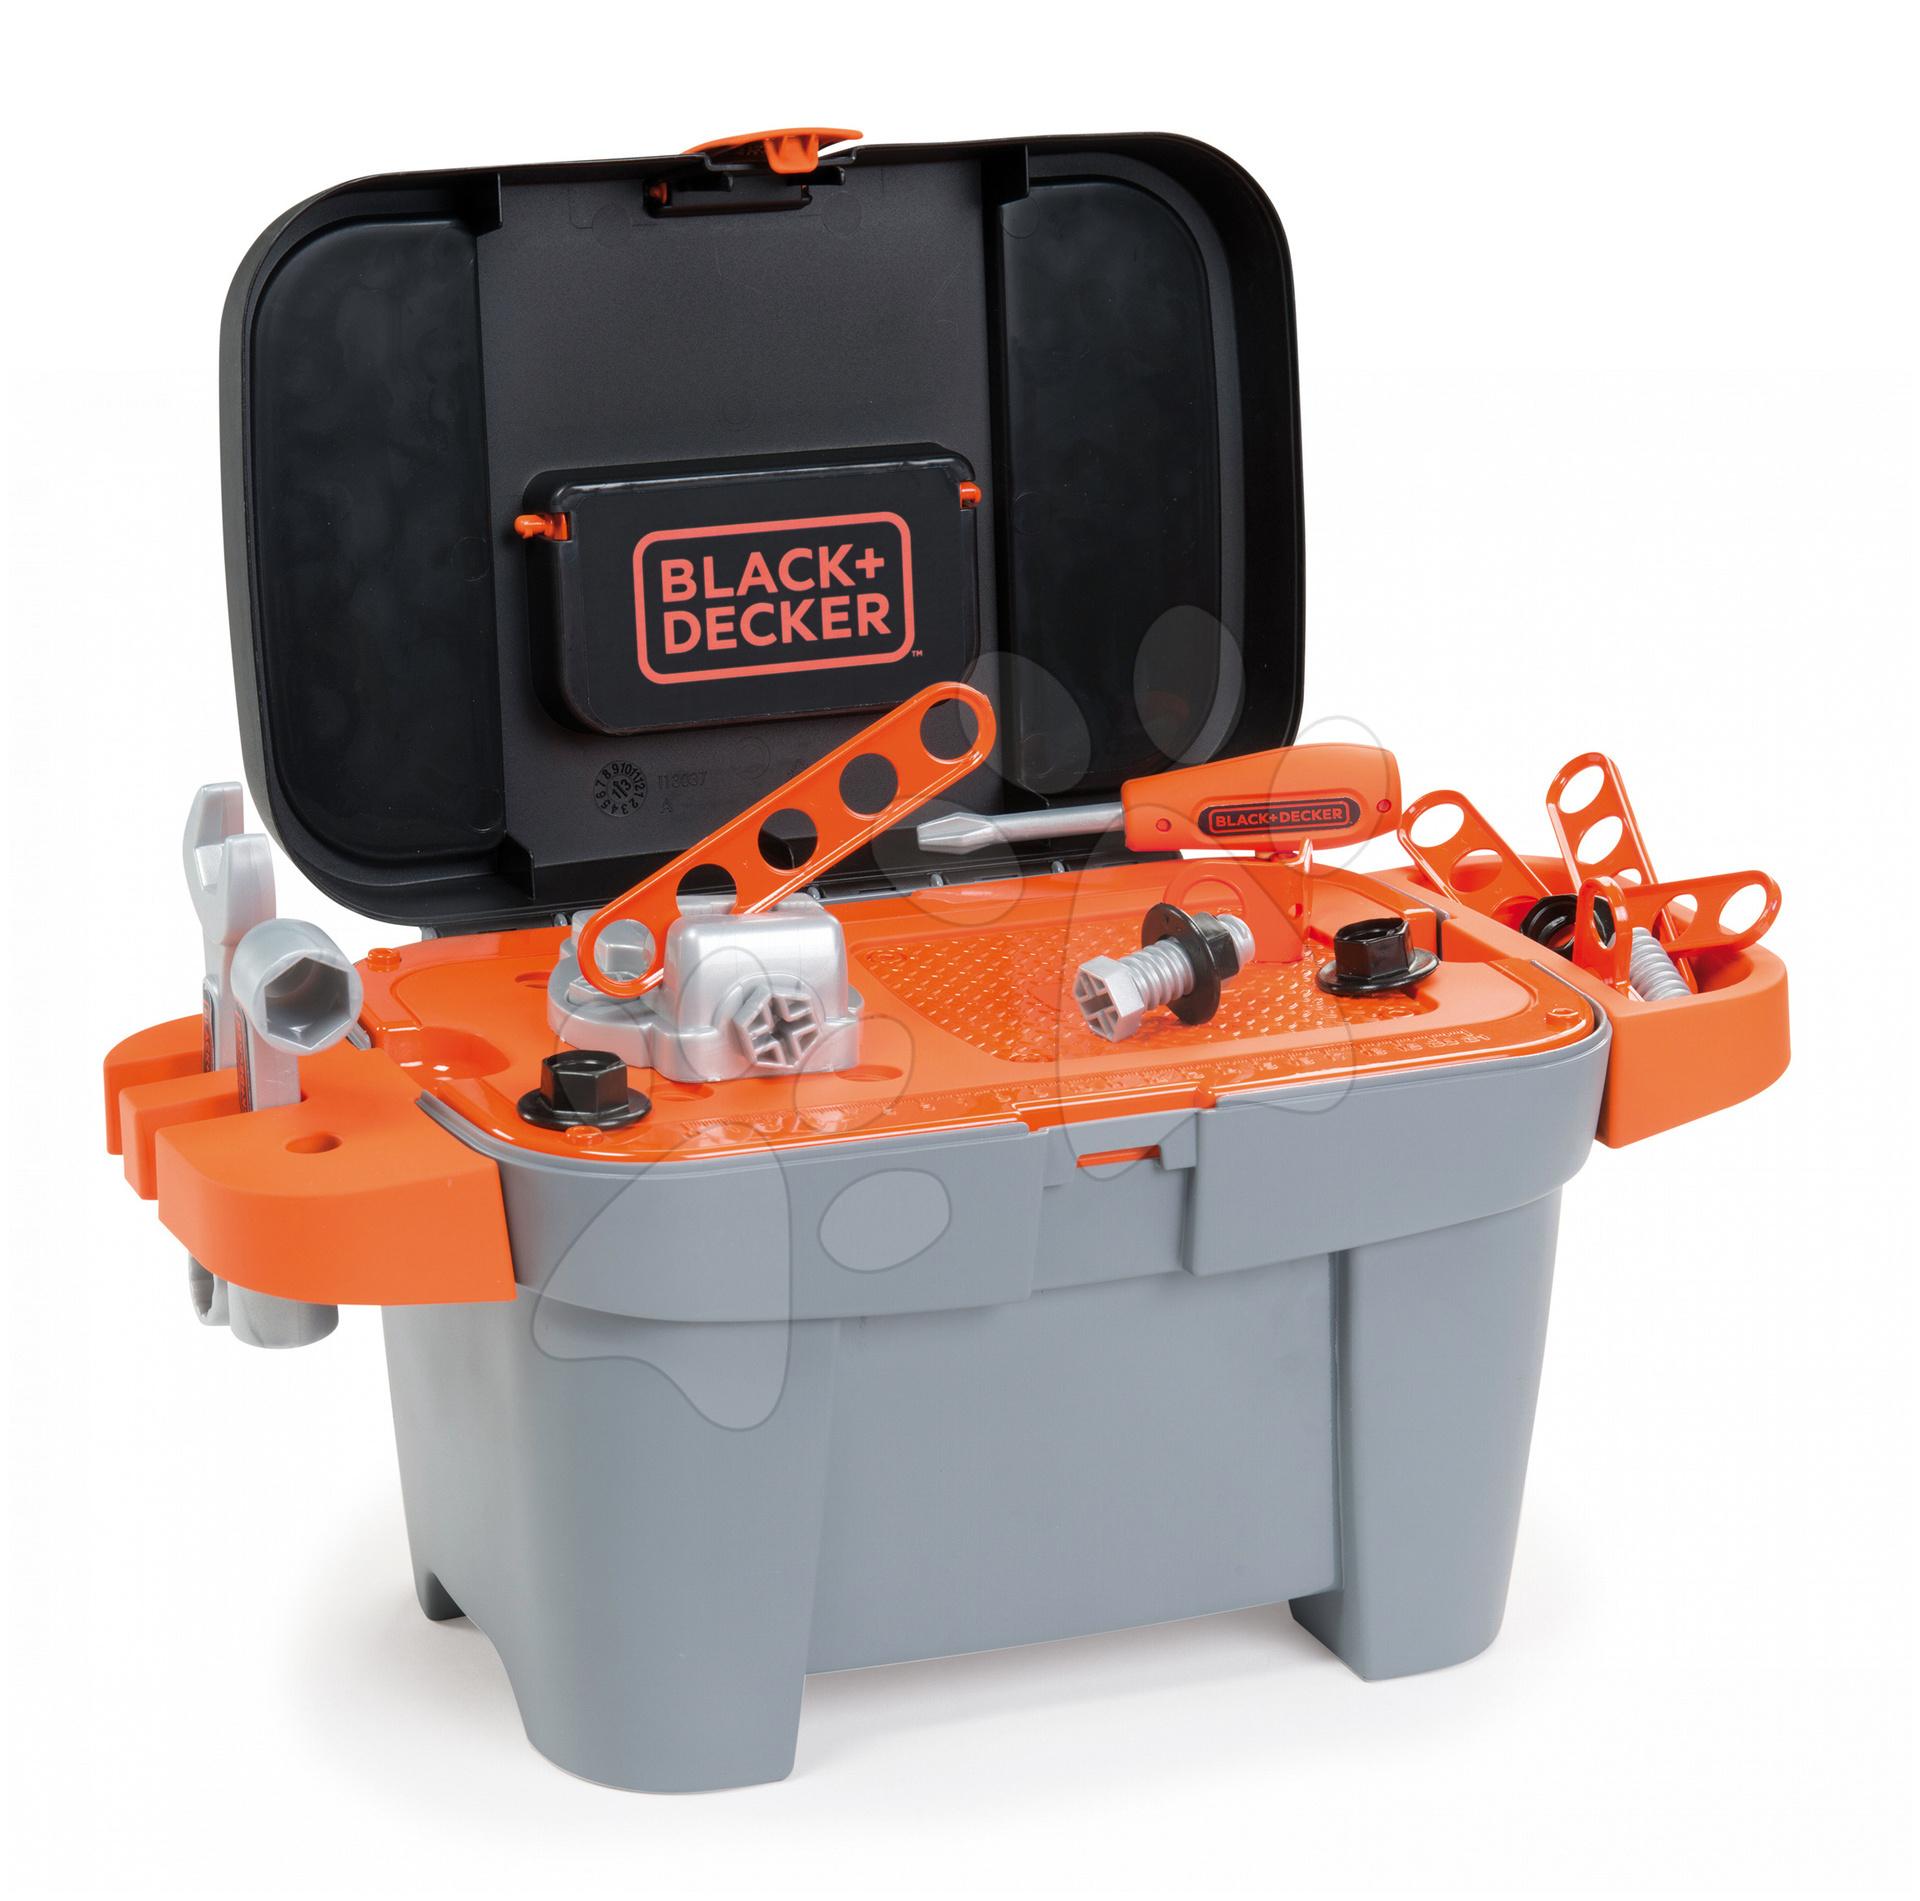 Pracovní dílna Black+Decker Tooly 2v1 Smoby v kufříku s 18 doplňky